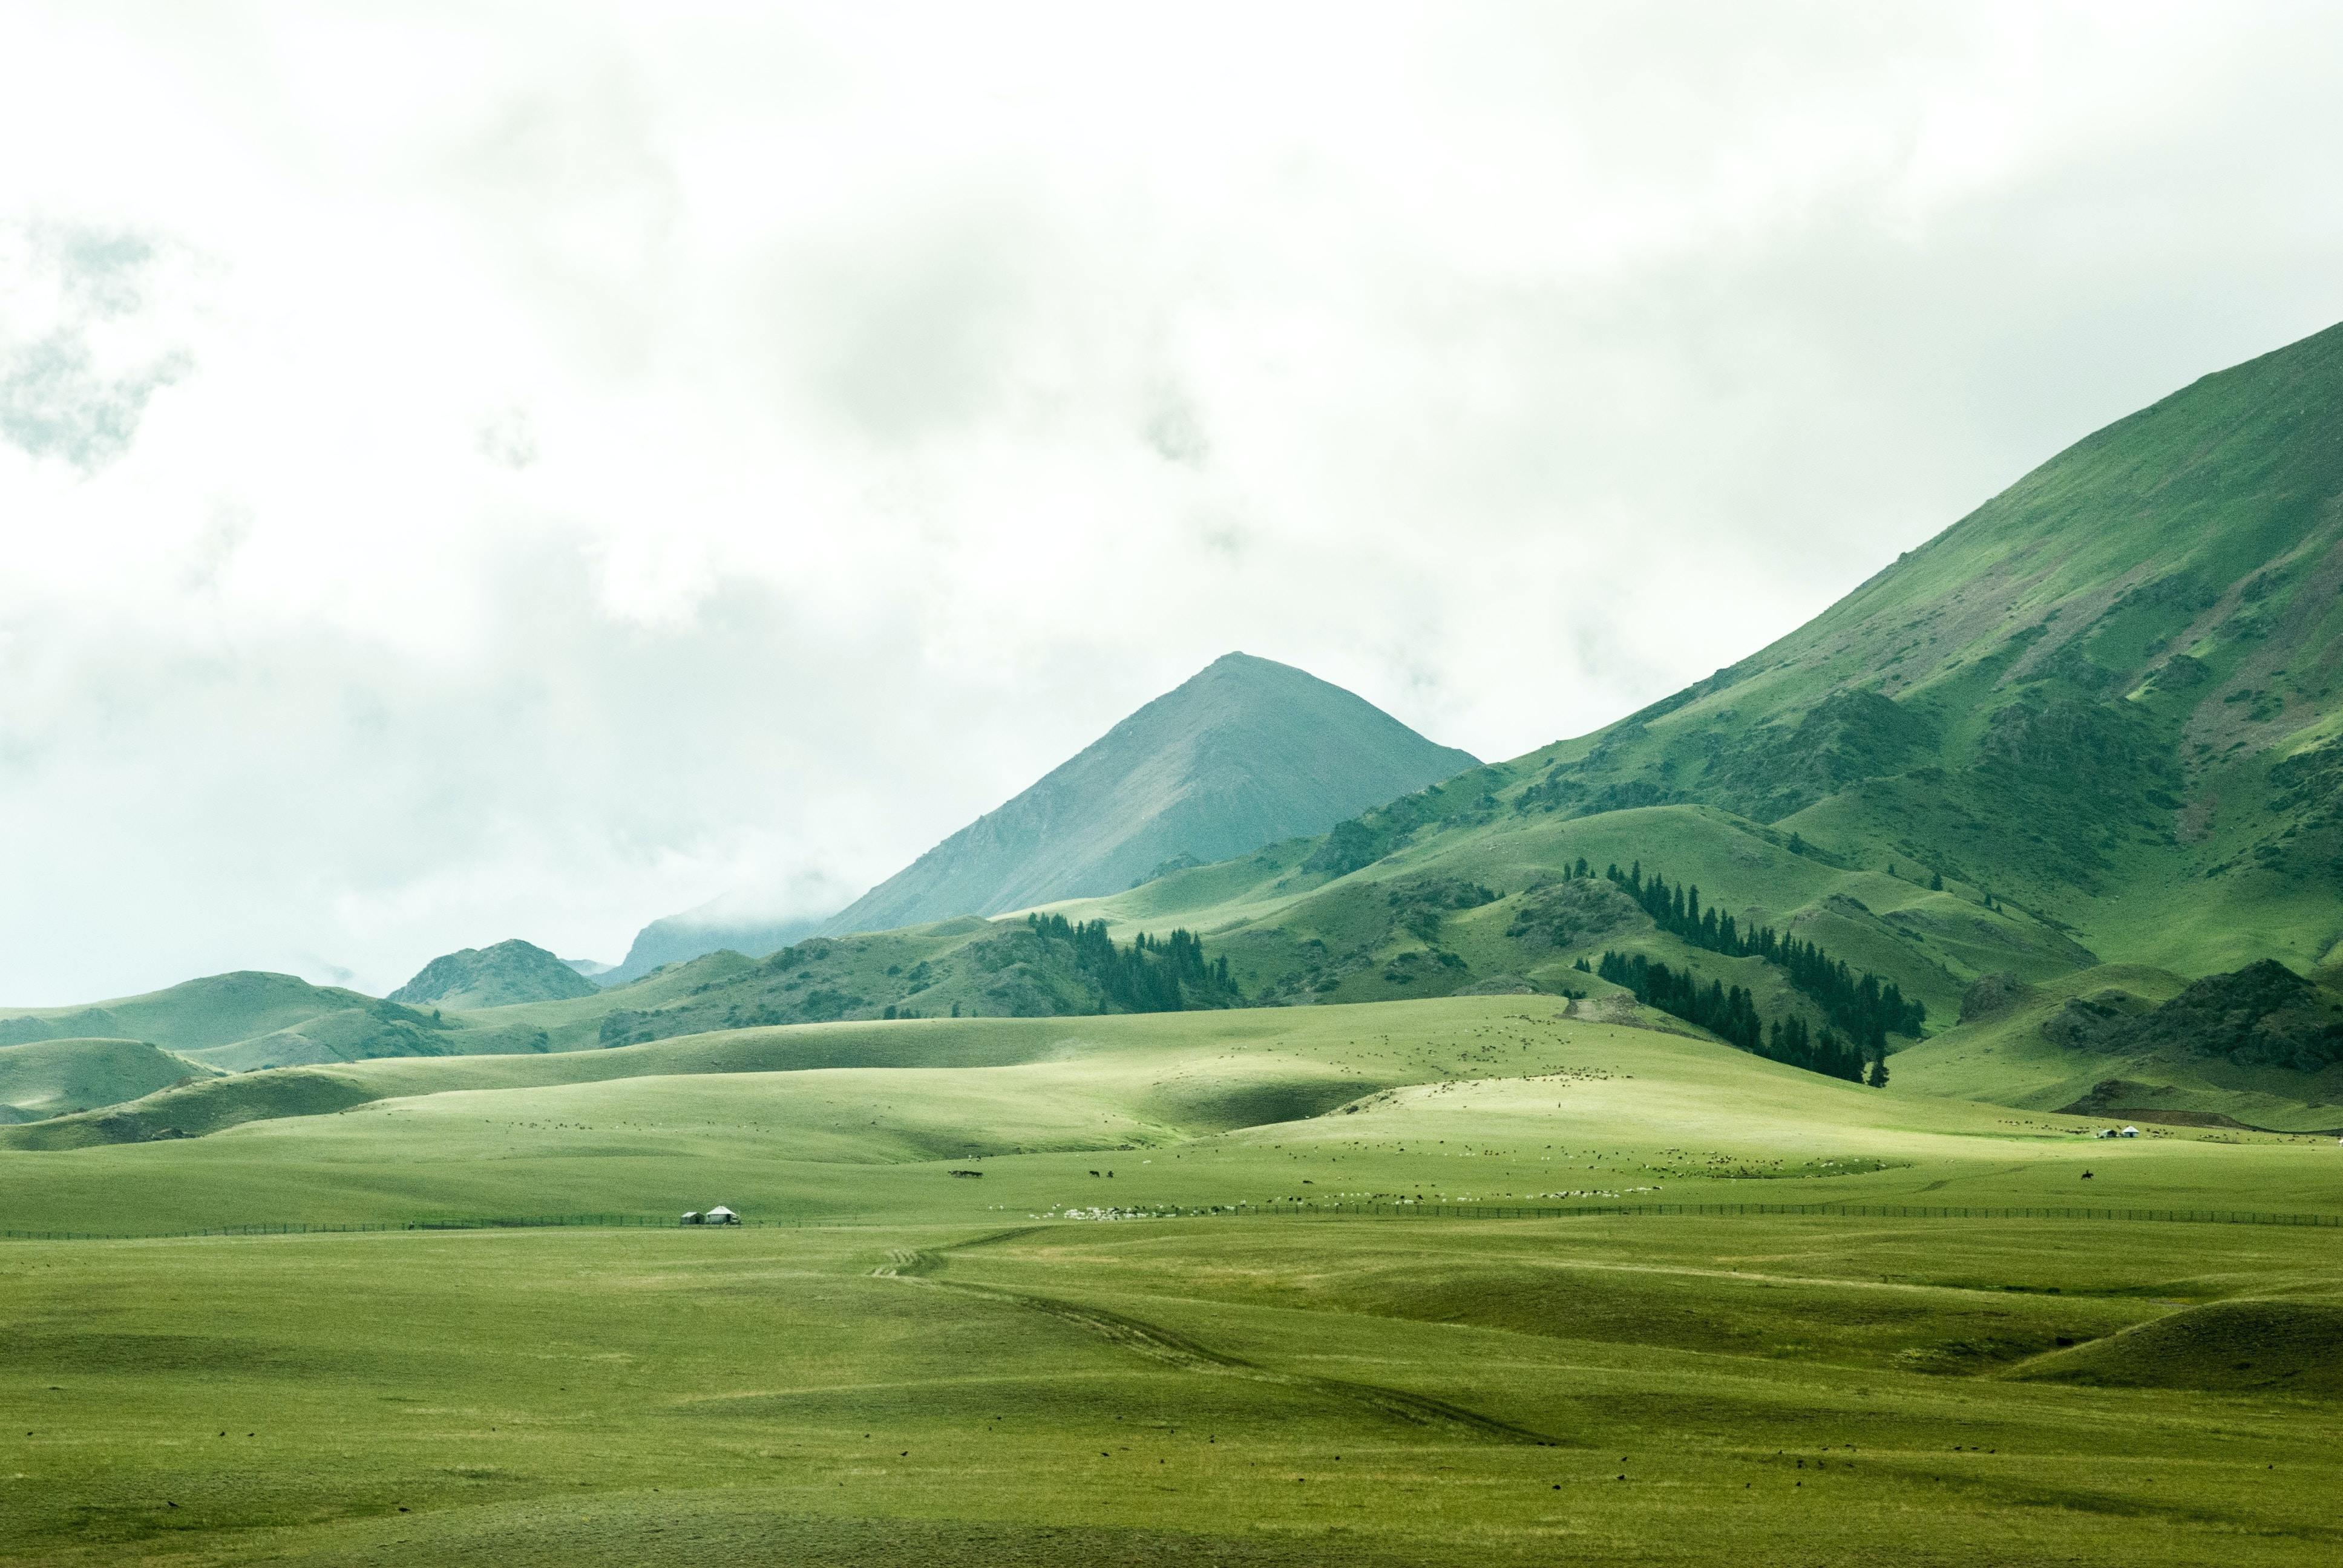 Green pastures stretching to the horizon near a mountain peak